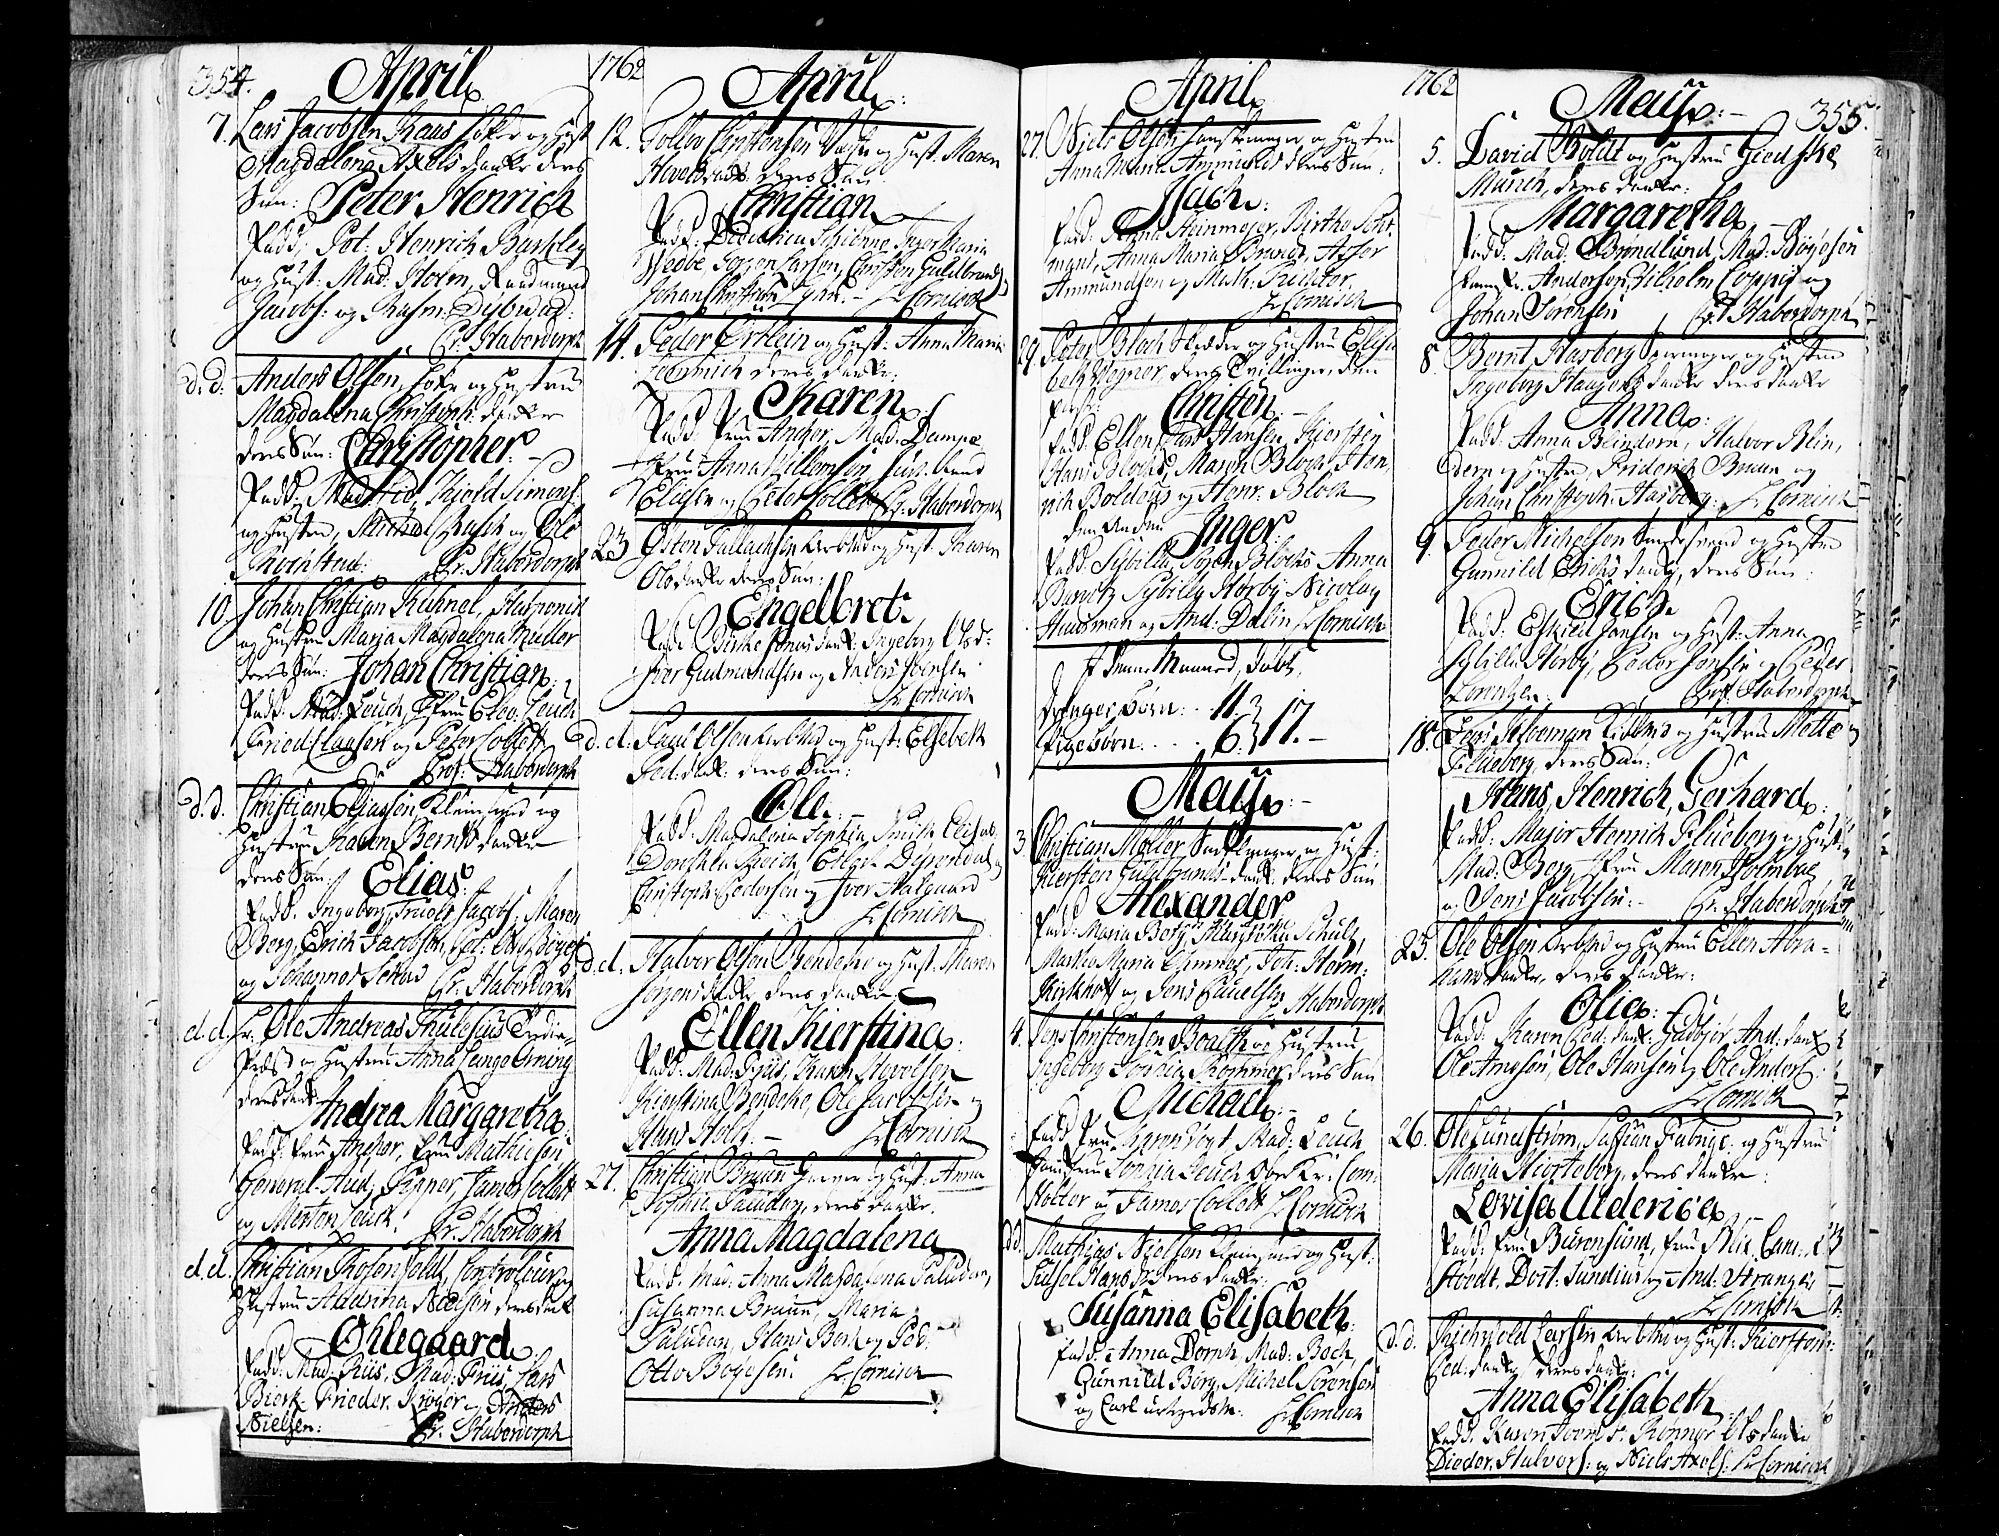 SAO, Oslo domkirke Kirkebøker, F/Fa/L0004: Ministerialbok nr. 4, 1743-1786, s. 354-355